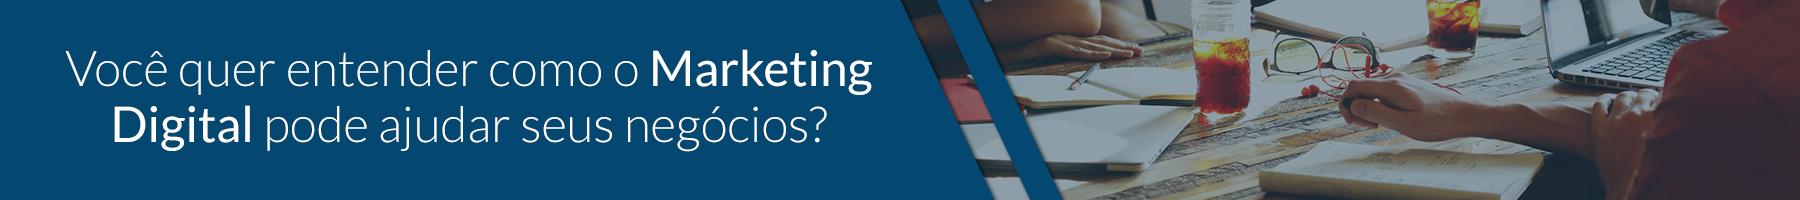 Você quer entender como o Marketing Digital pode ajudar seus negócios?